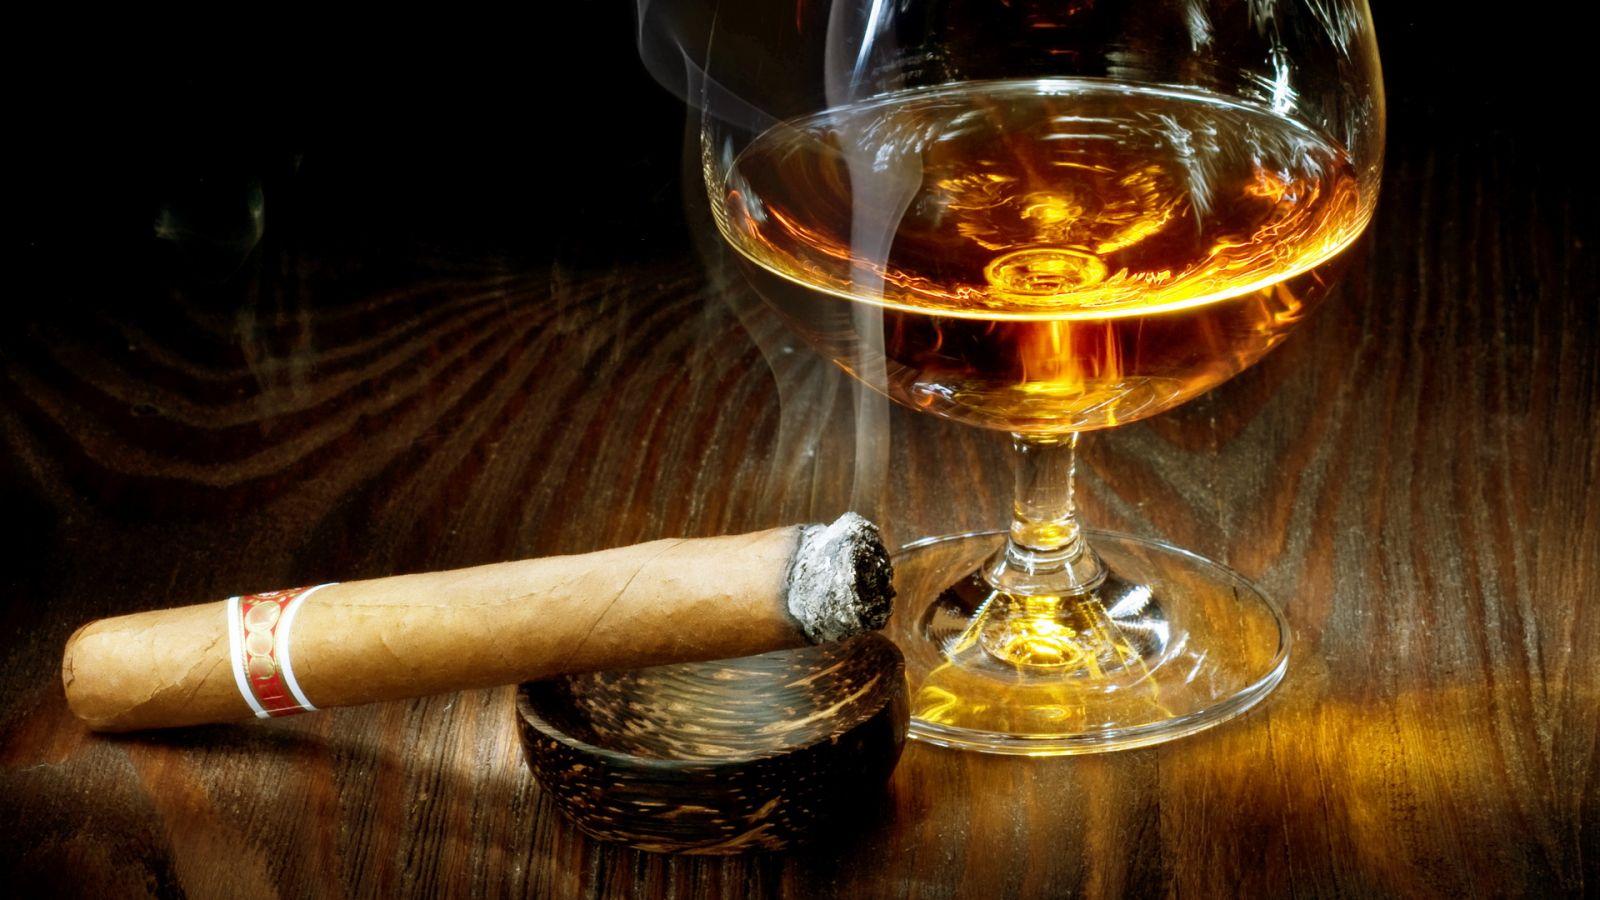 Производство алкогольных напитков и табачных изделий трубочный табак по оптовым ценам